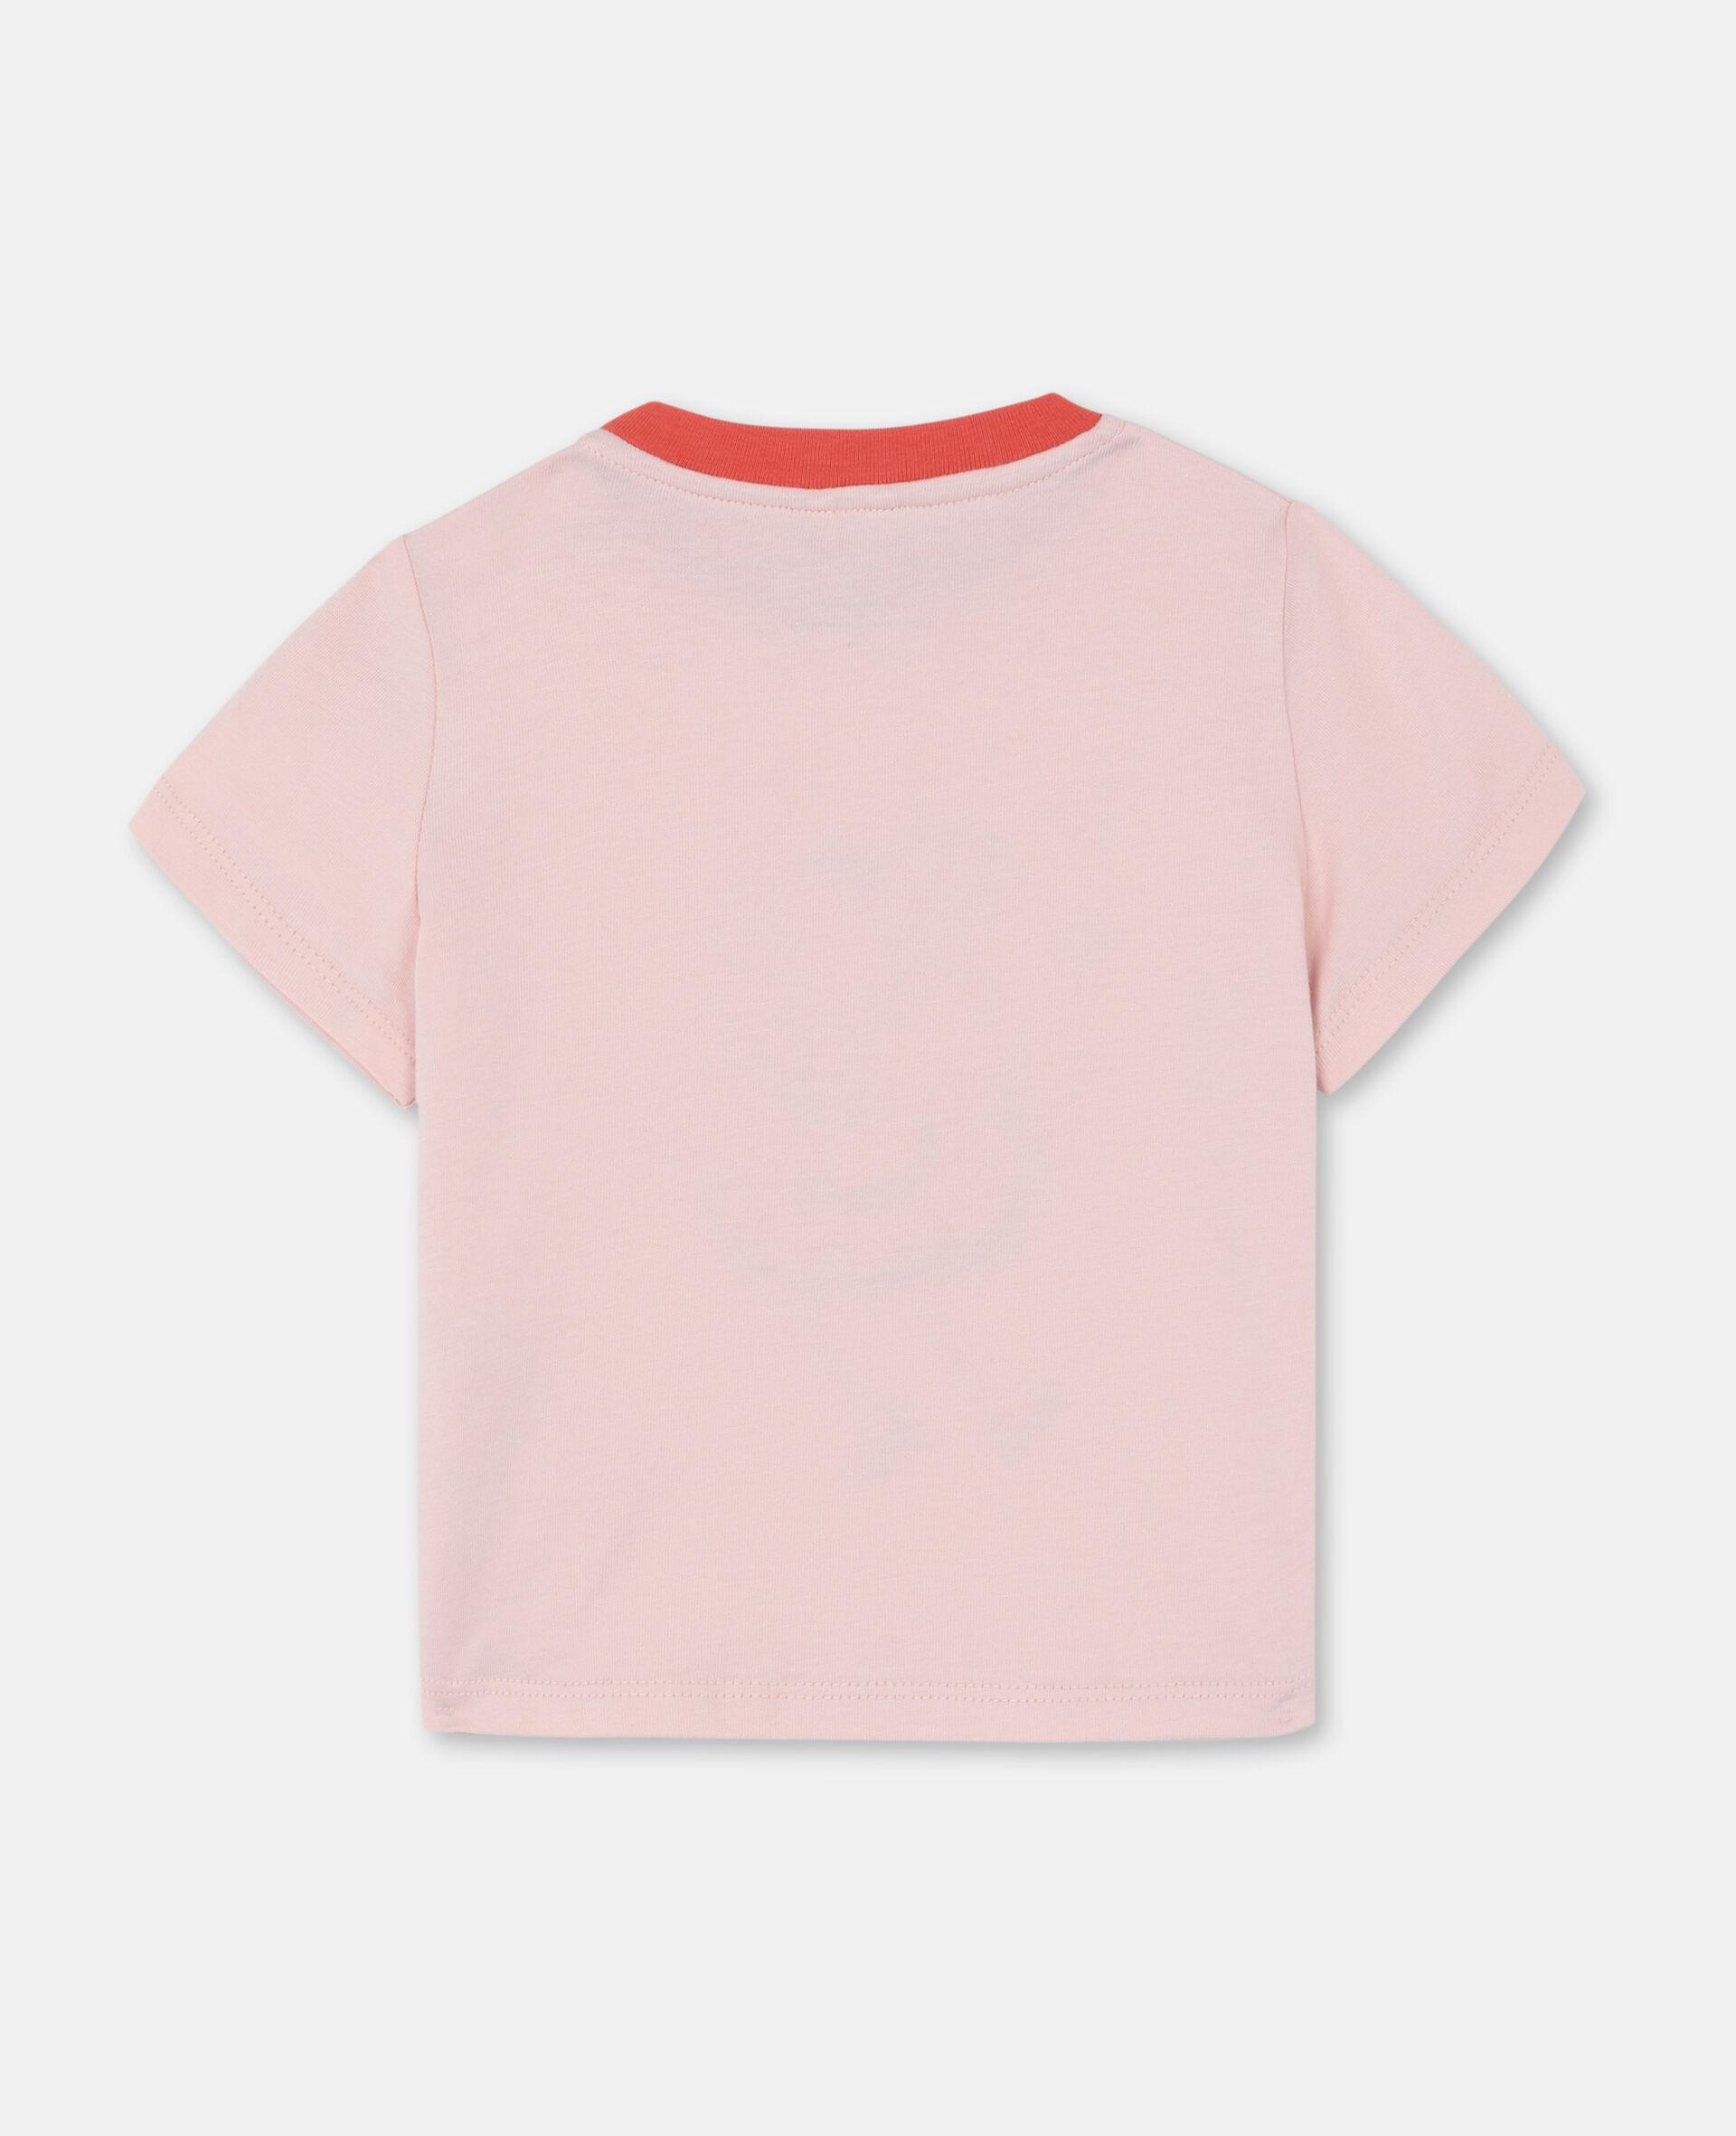 ダンシング フラミンゴ コットン Tシャツ-ピンク-large image number 3